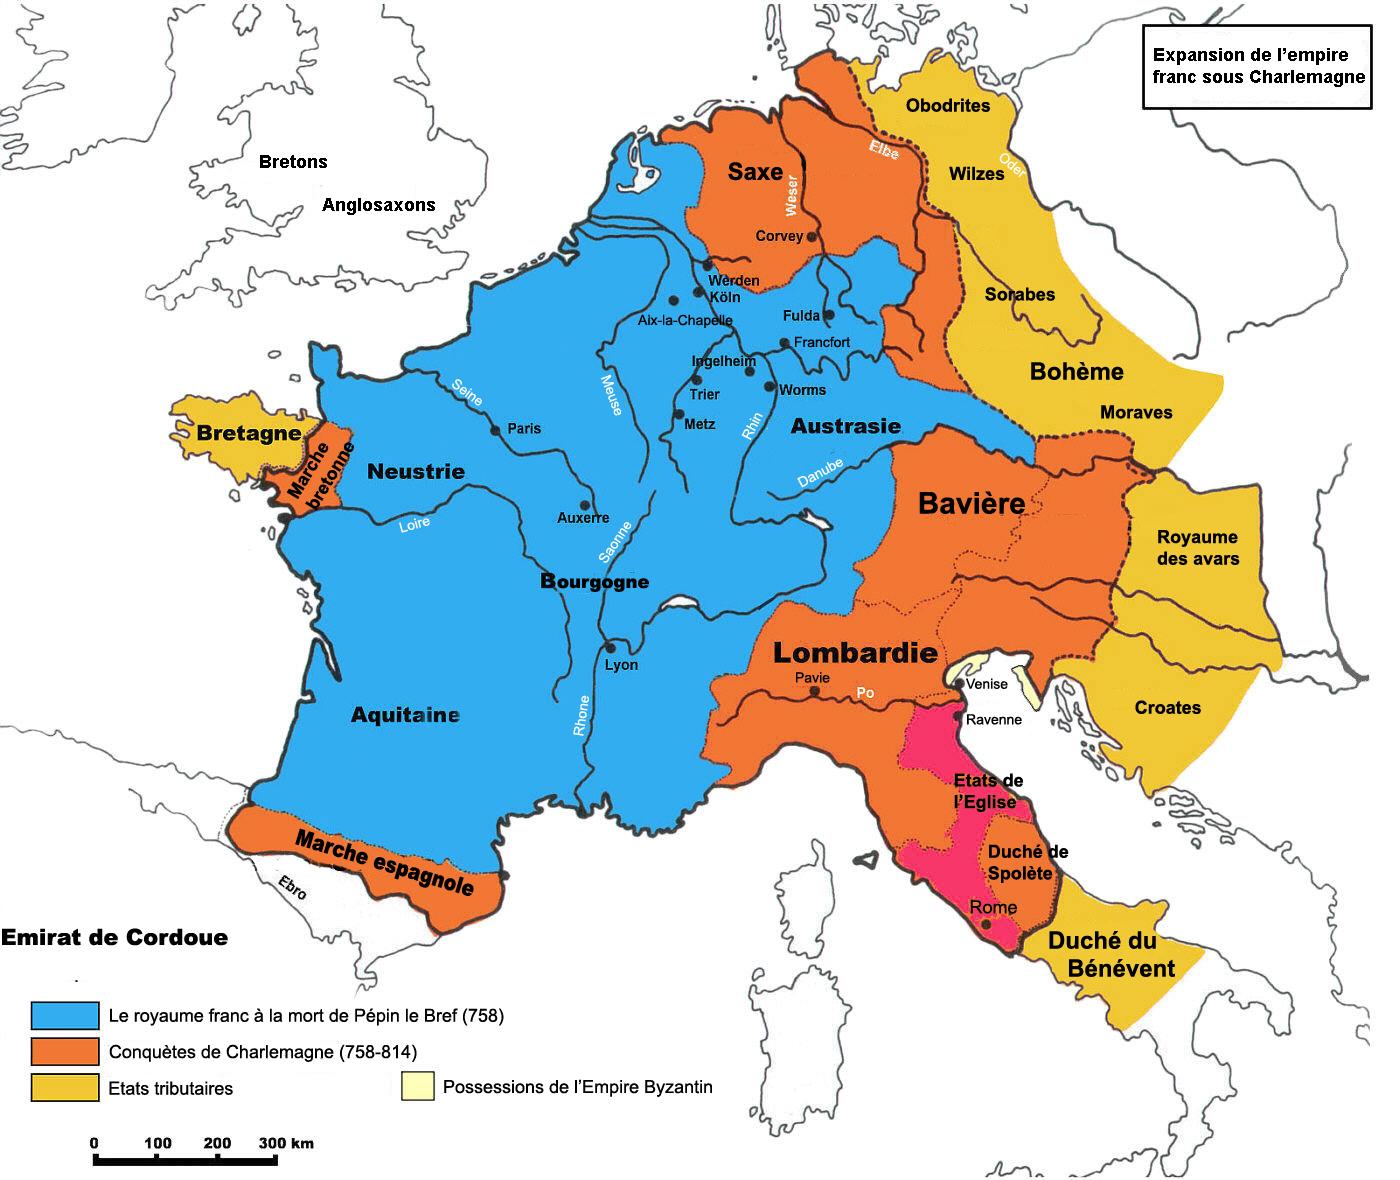 Carte de l'extension de l'Empire carolingien sous Charlemagne